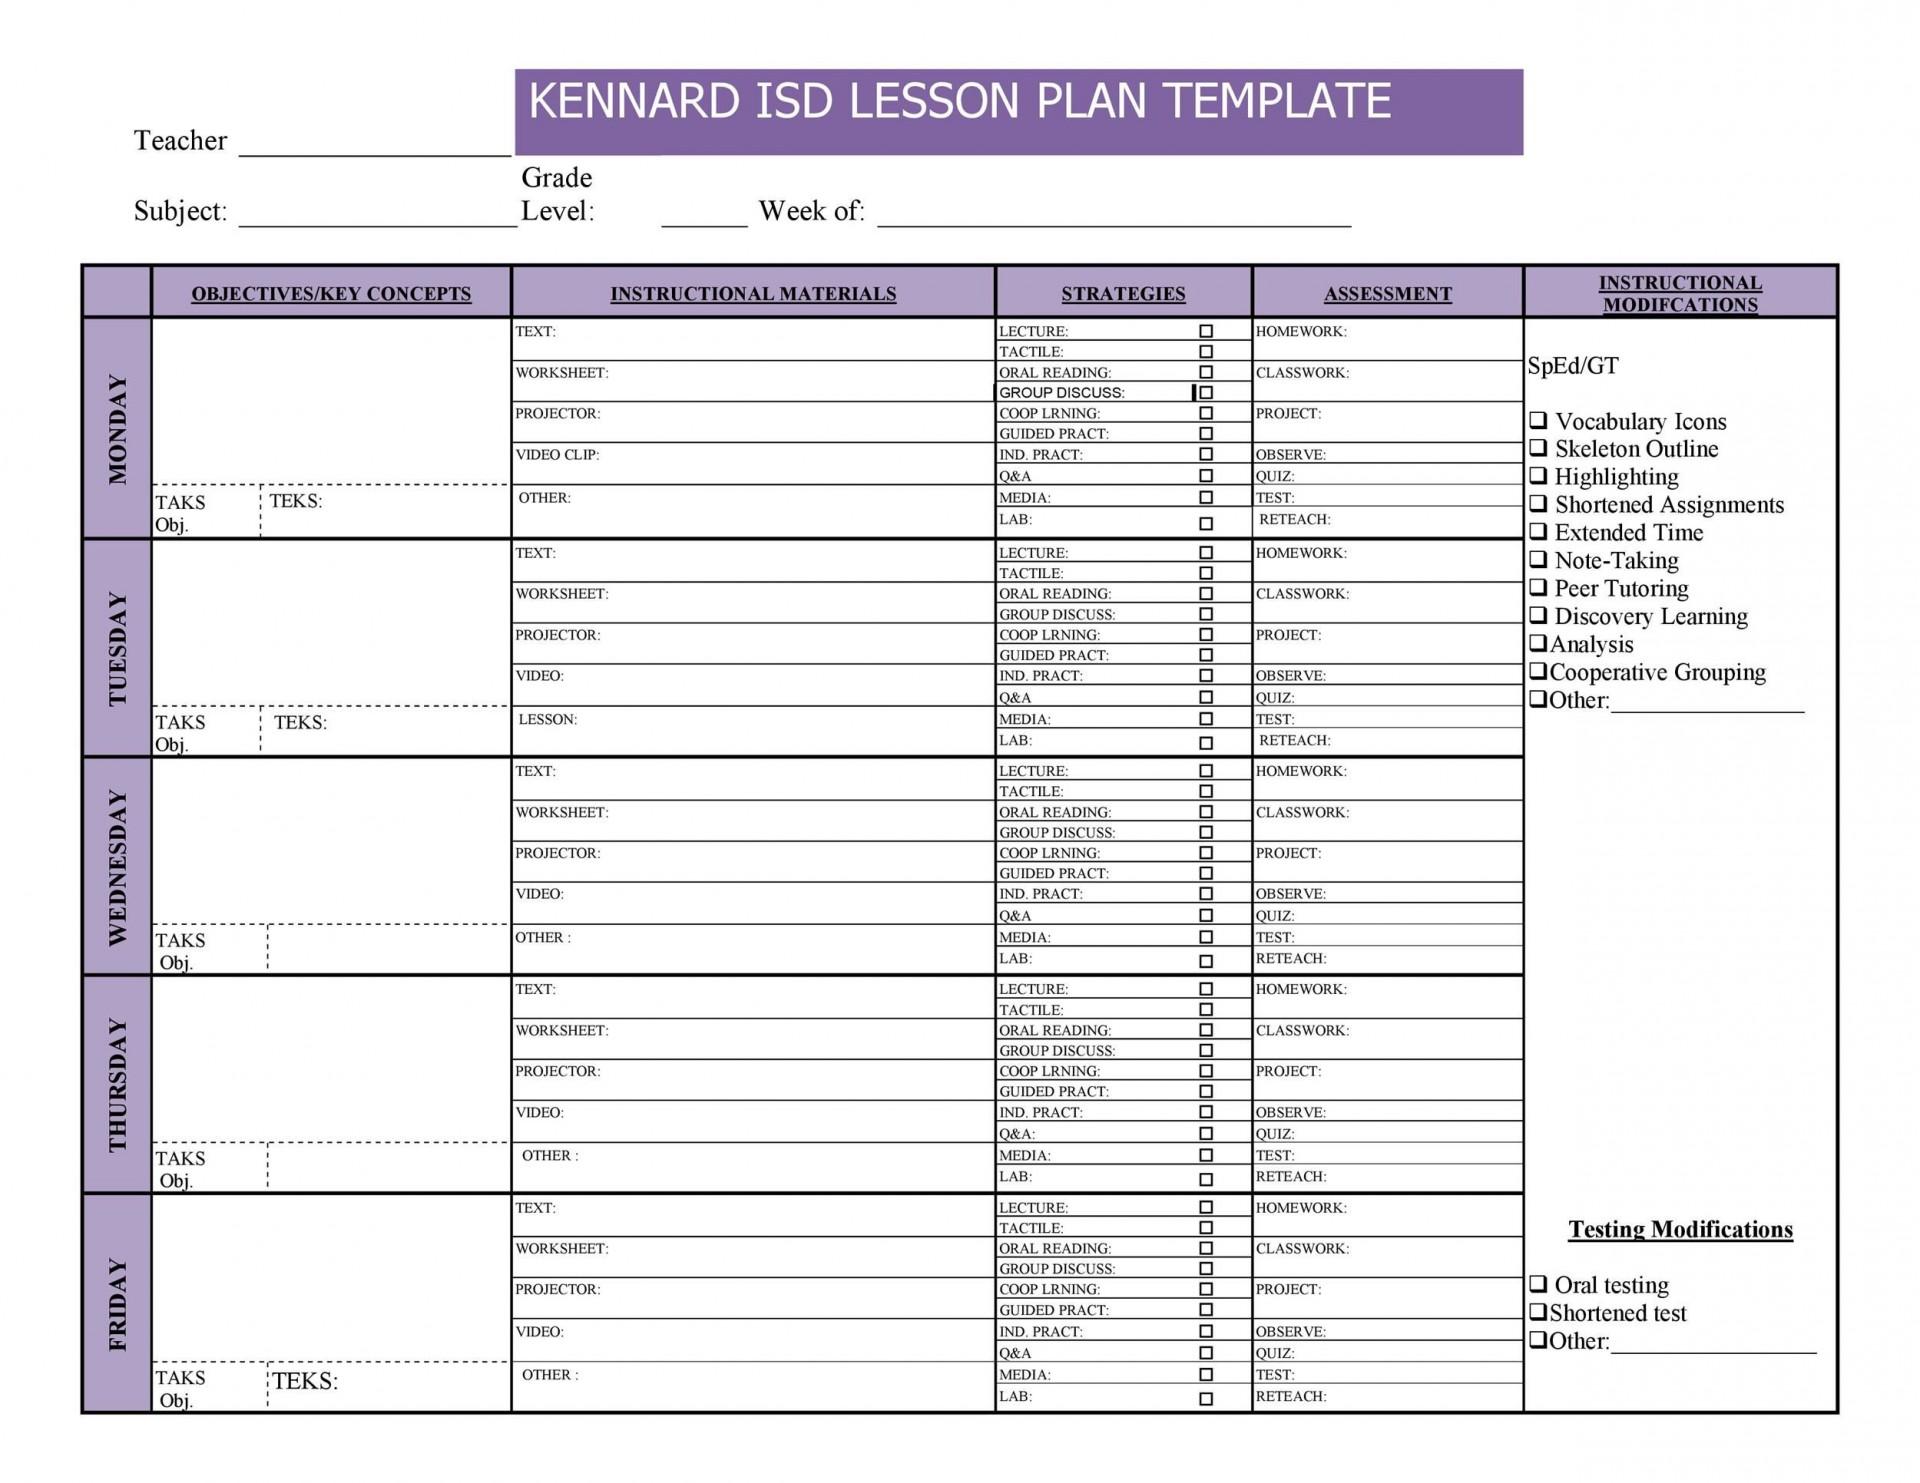 006 Beautiful Free Printable Preschool Weekly Lesson Plan Template Example  Kindergarten1920